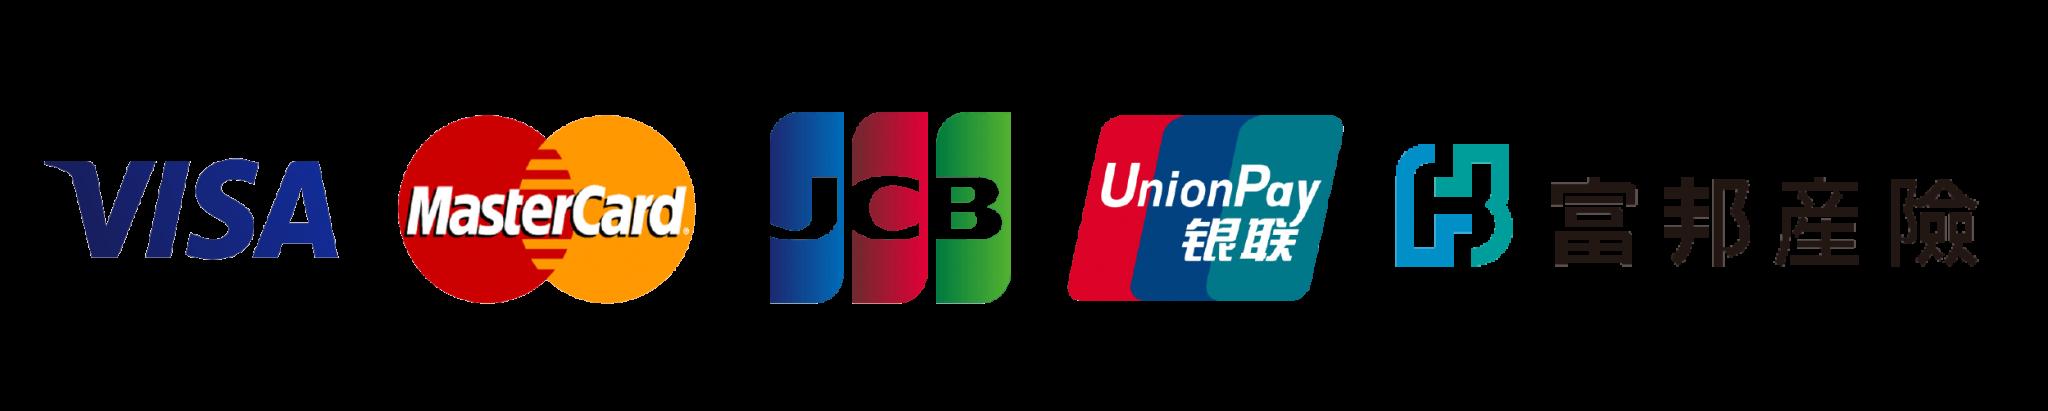 信用卡標誌